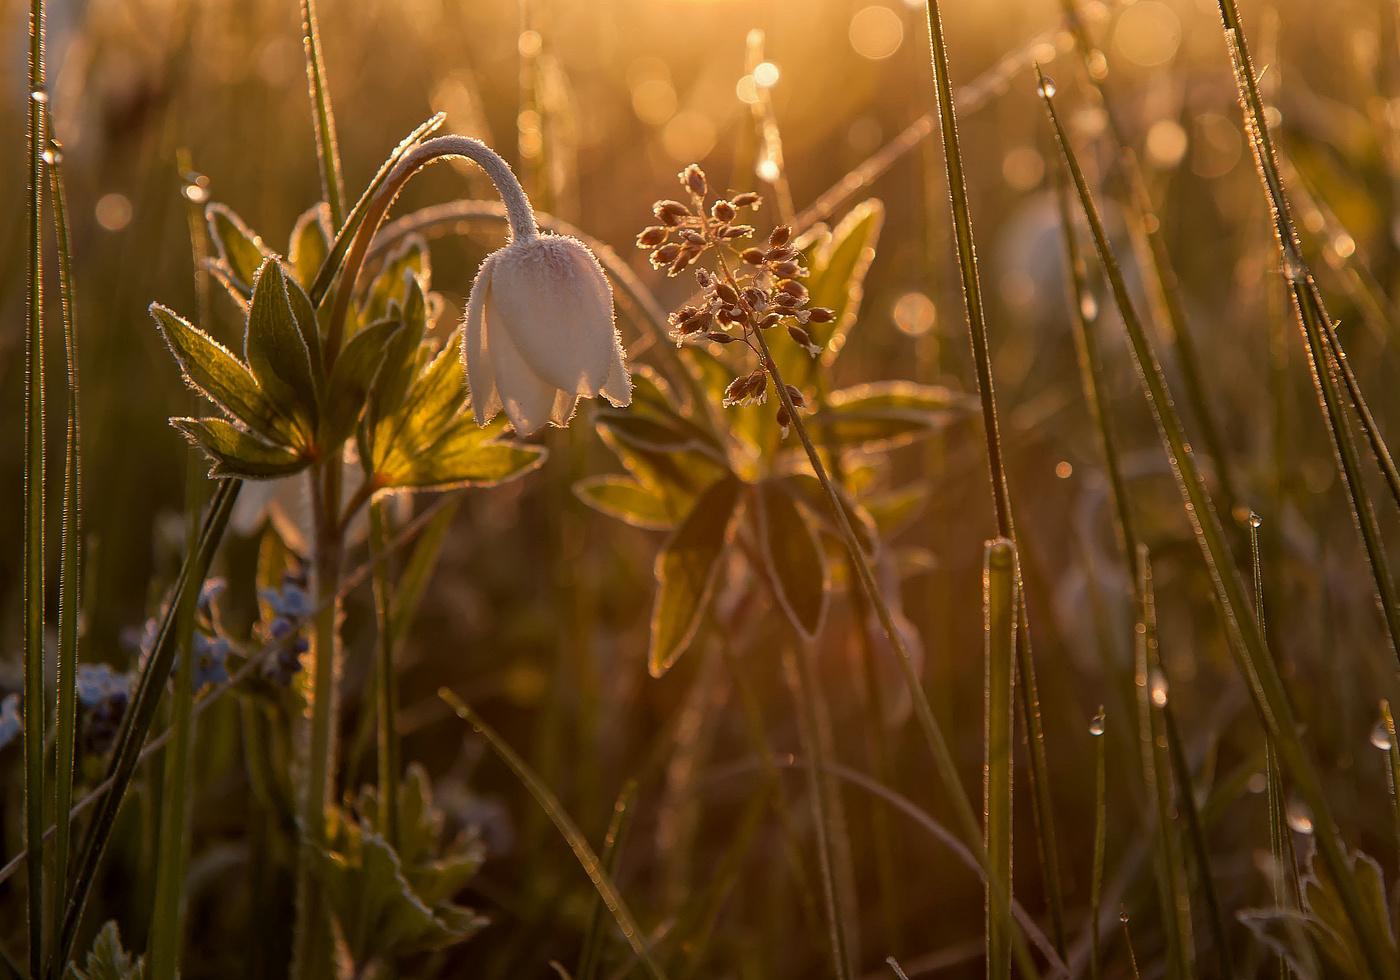 картинка на рабочий стол солнце и природа пробуждается ото сна начала придумывать нестандартные